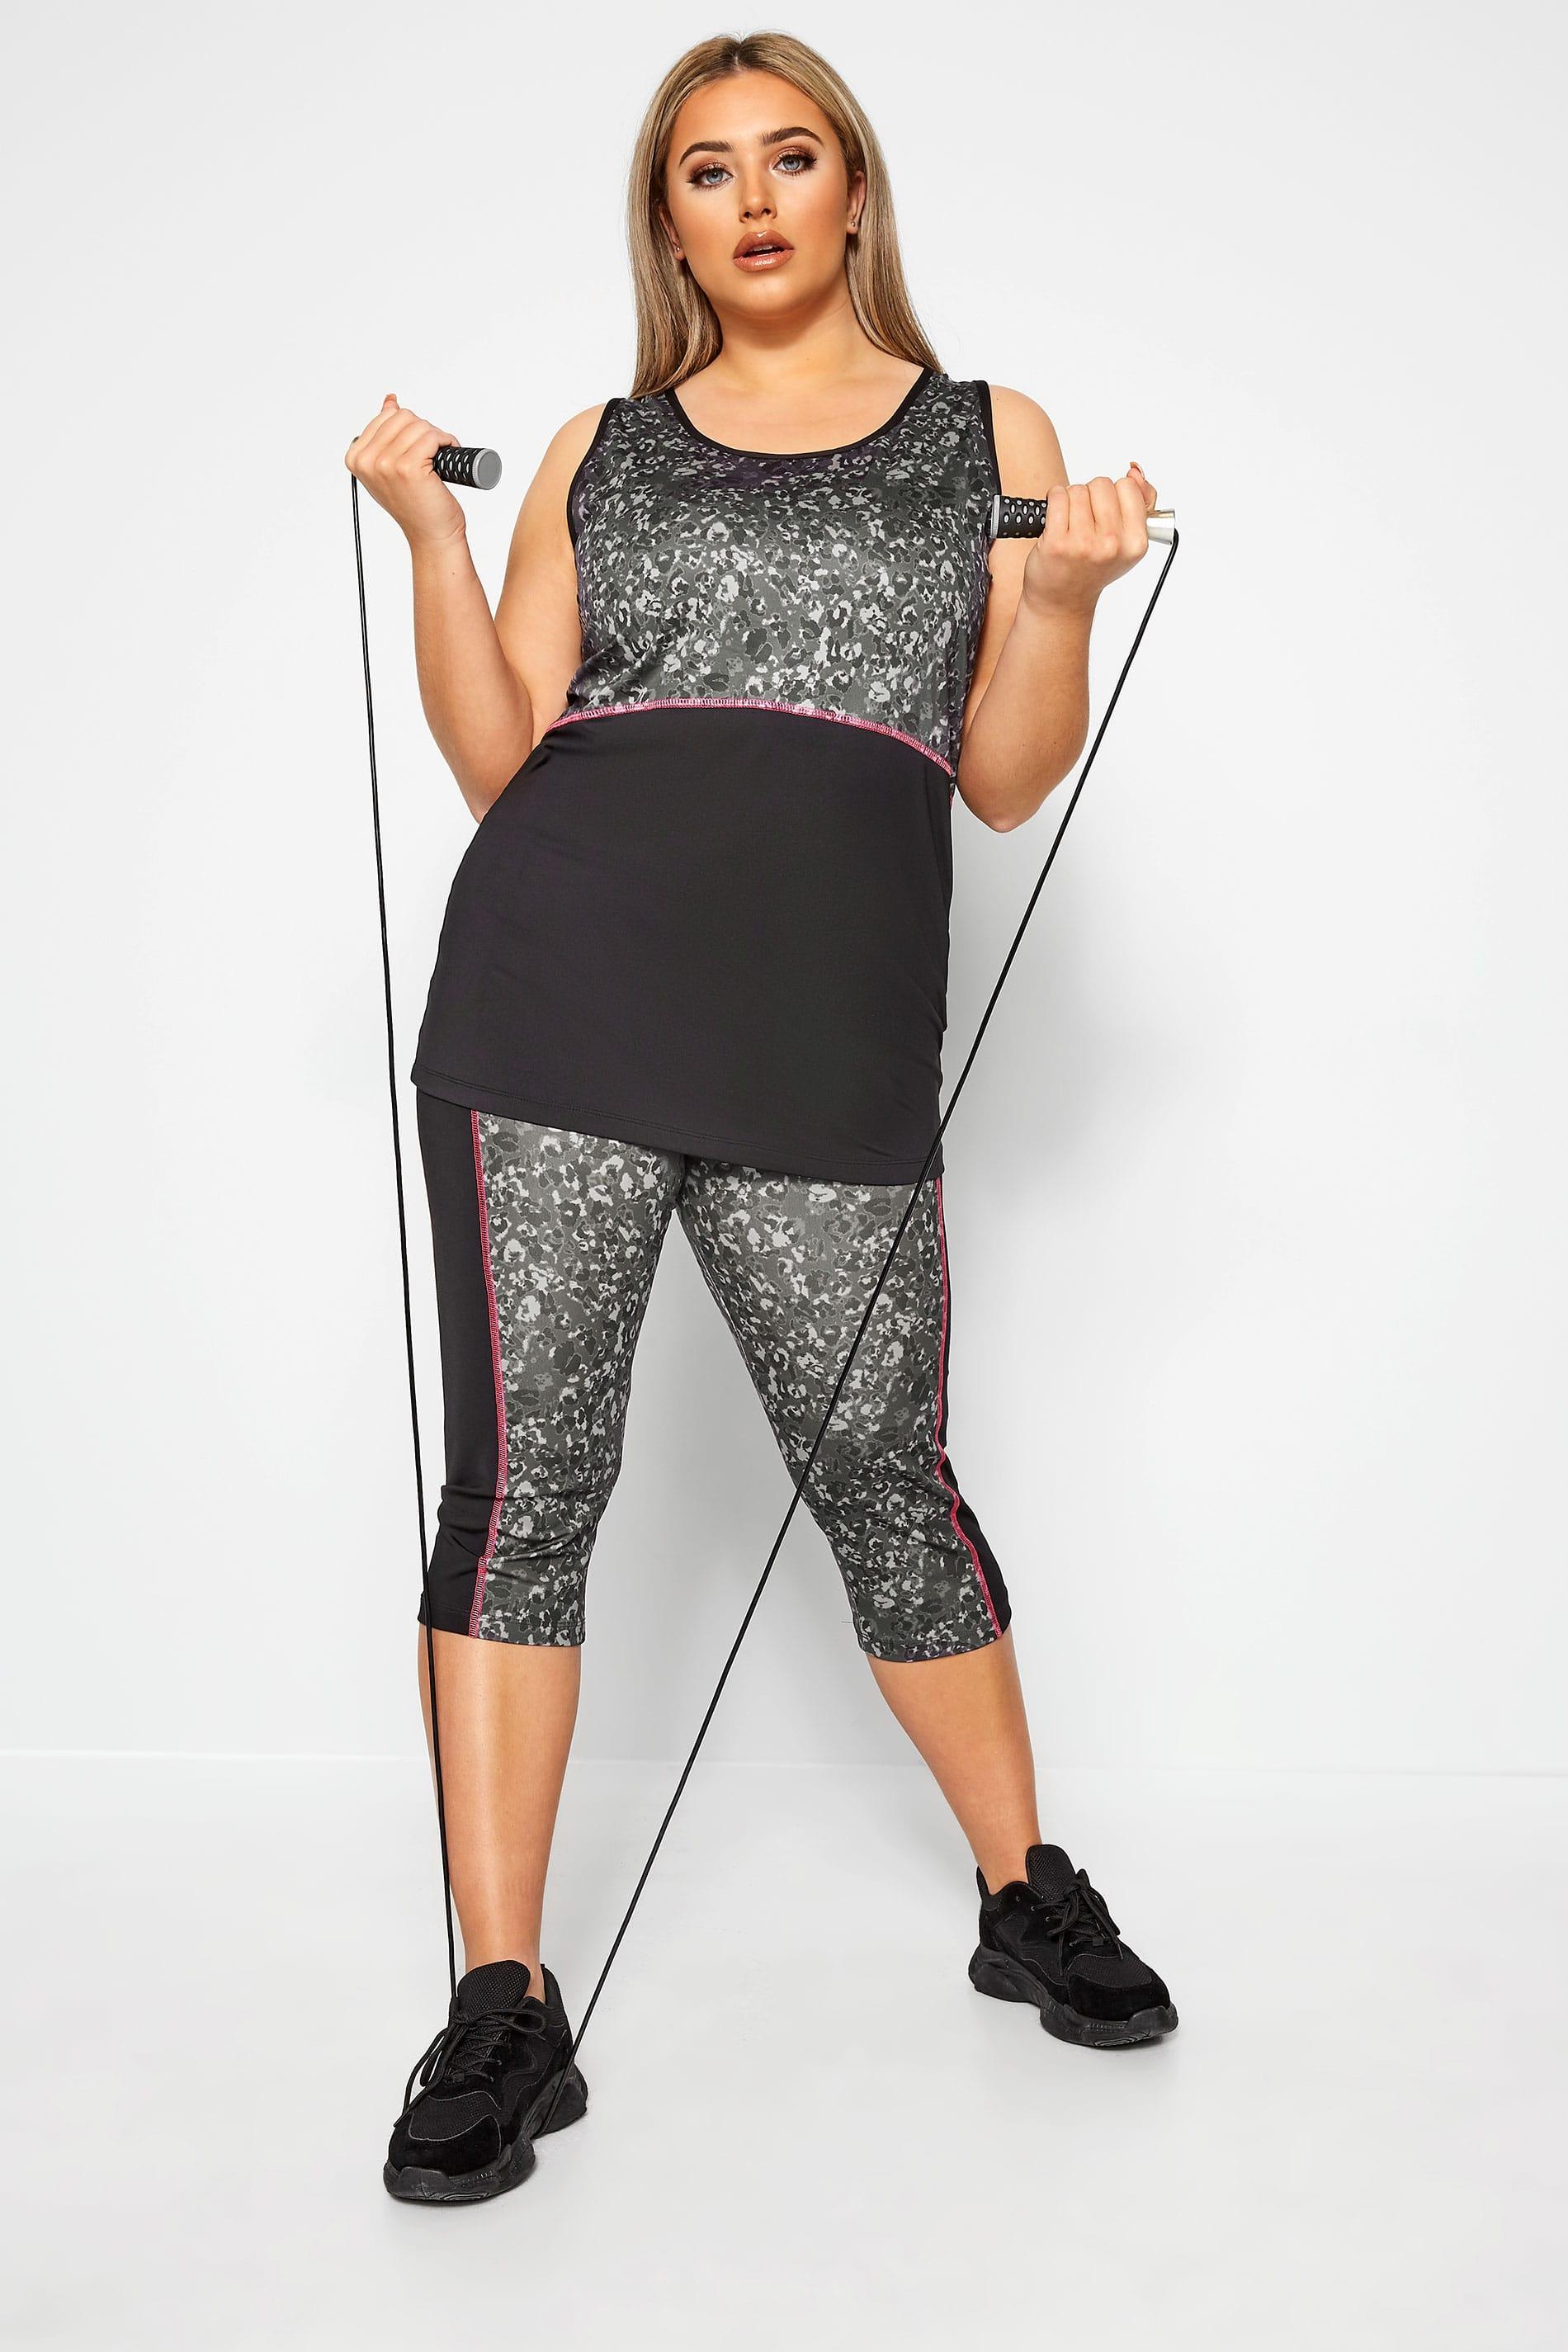 ACTIVE - 3/4-legging met luipaardprint in grijs